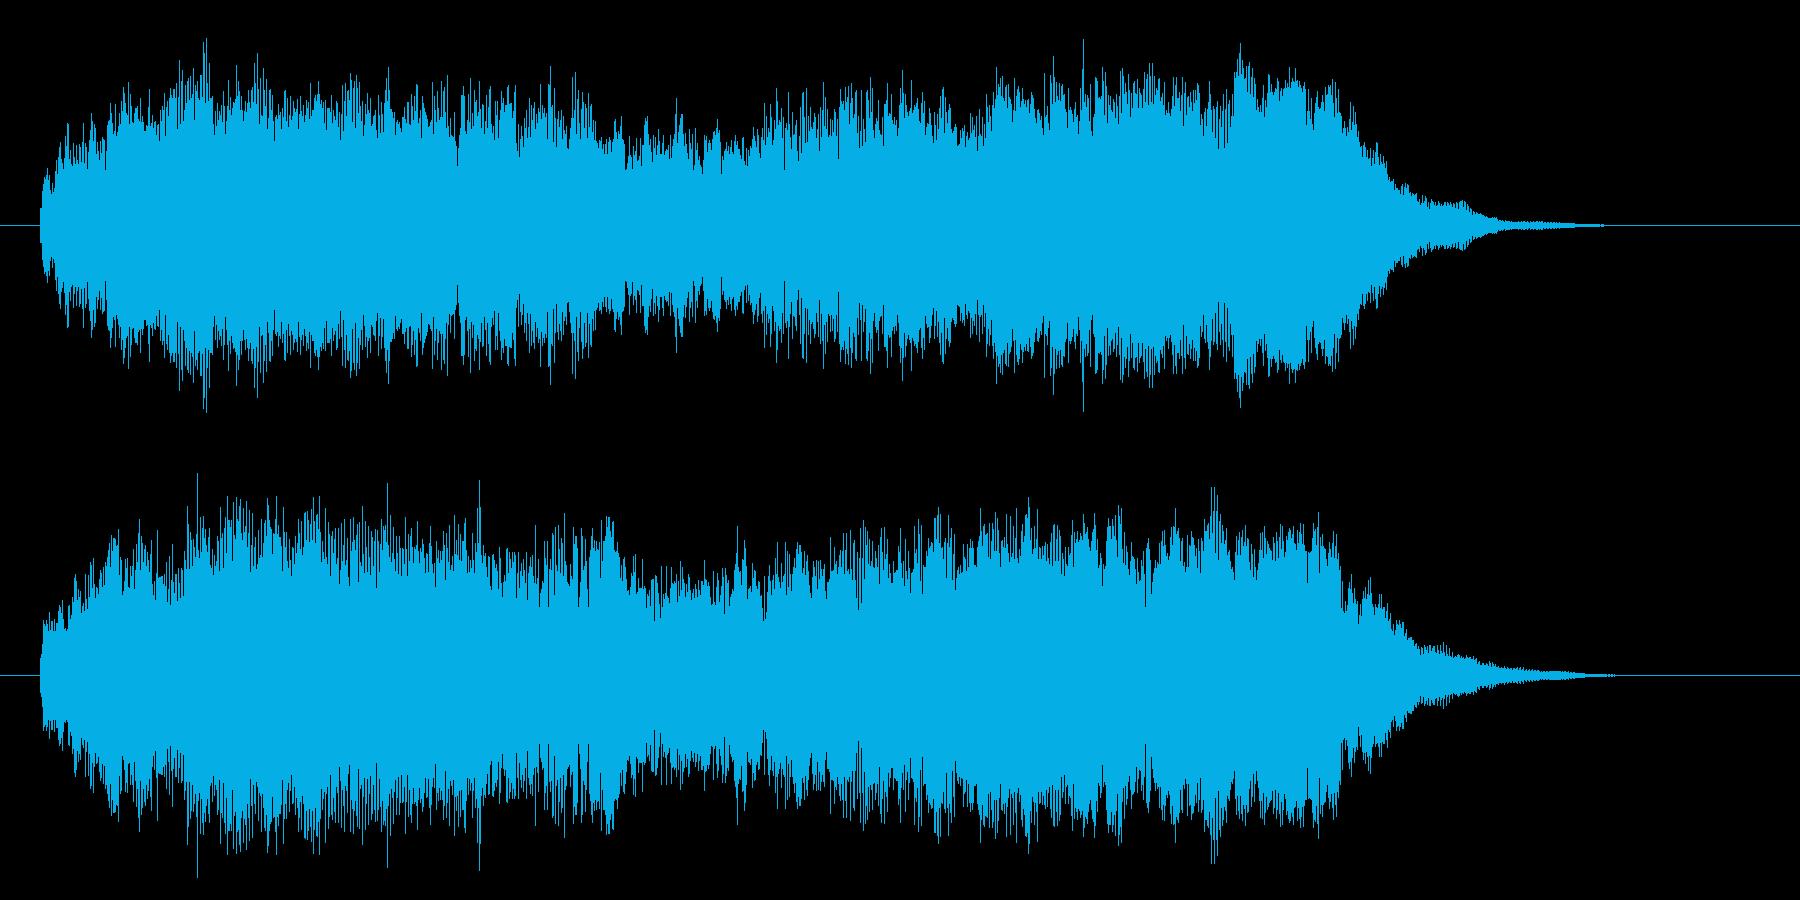 ゆったりとしたテンポのストリングスの再生済みの波形